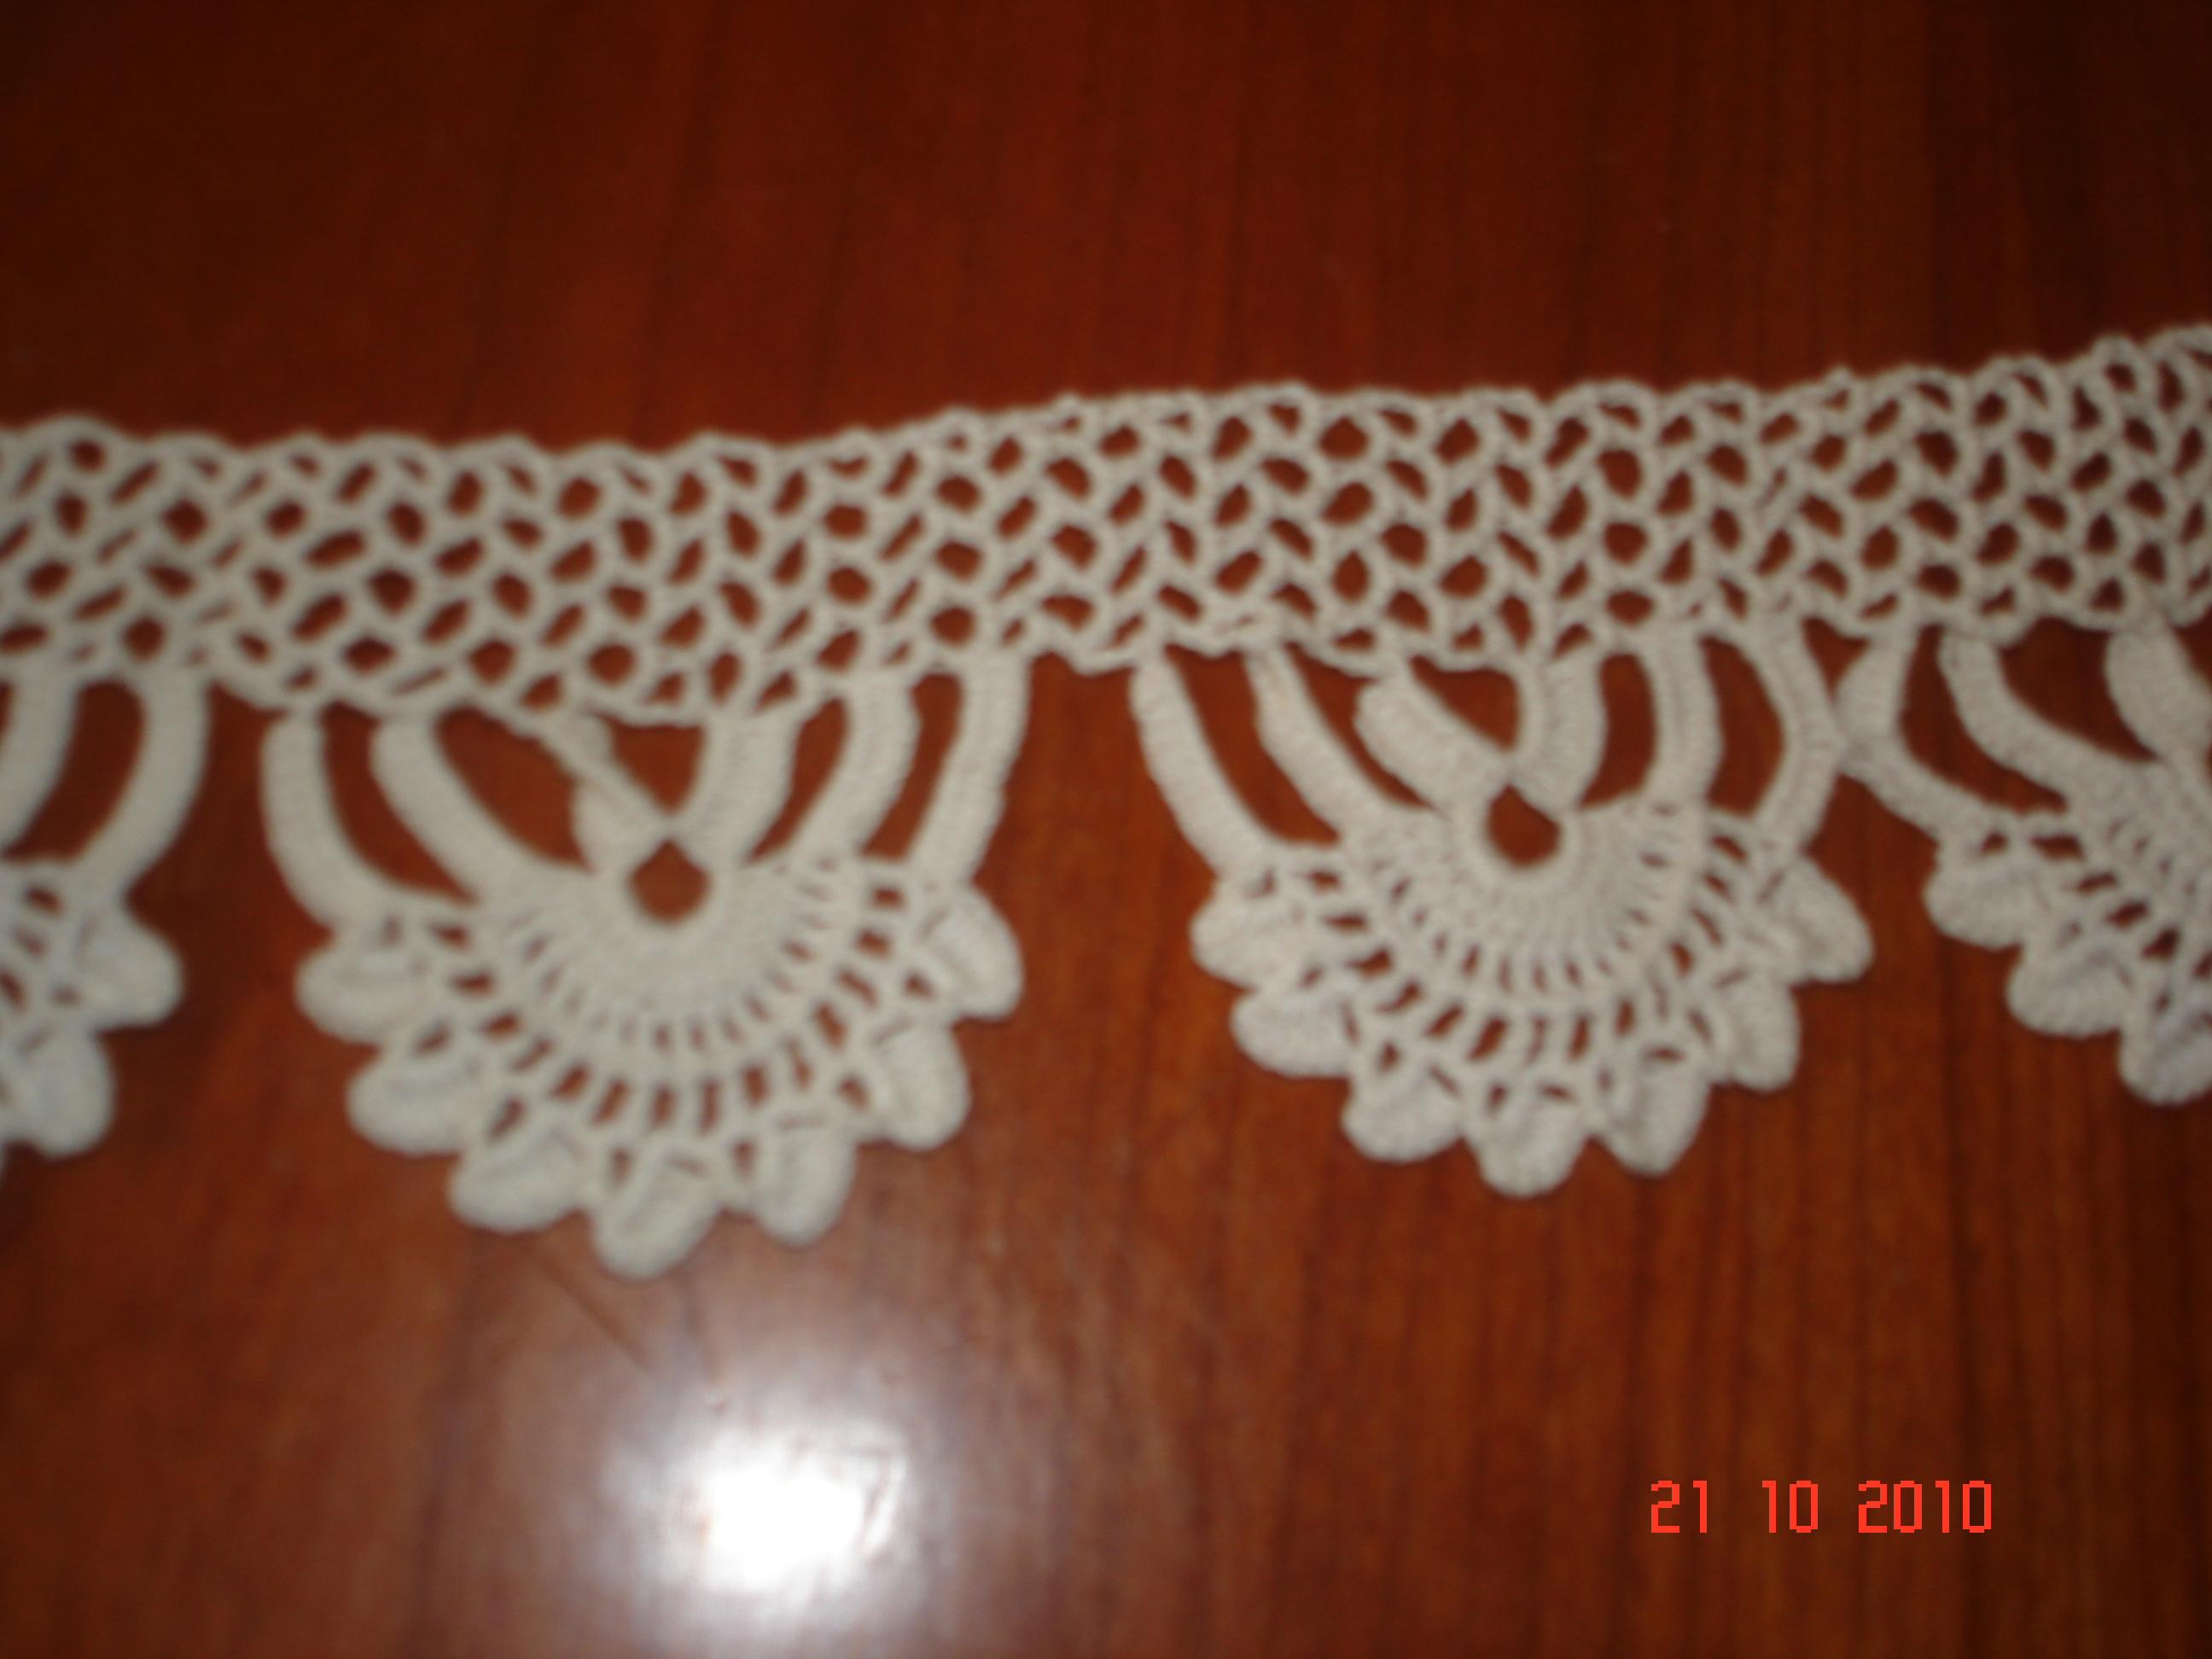 Bordo per biancheria:  è un bordo che potrebbe essere utilizzato per rifinire asciugamani e non solo.